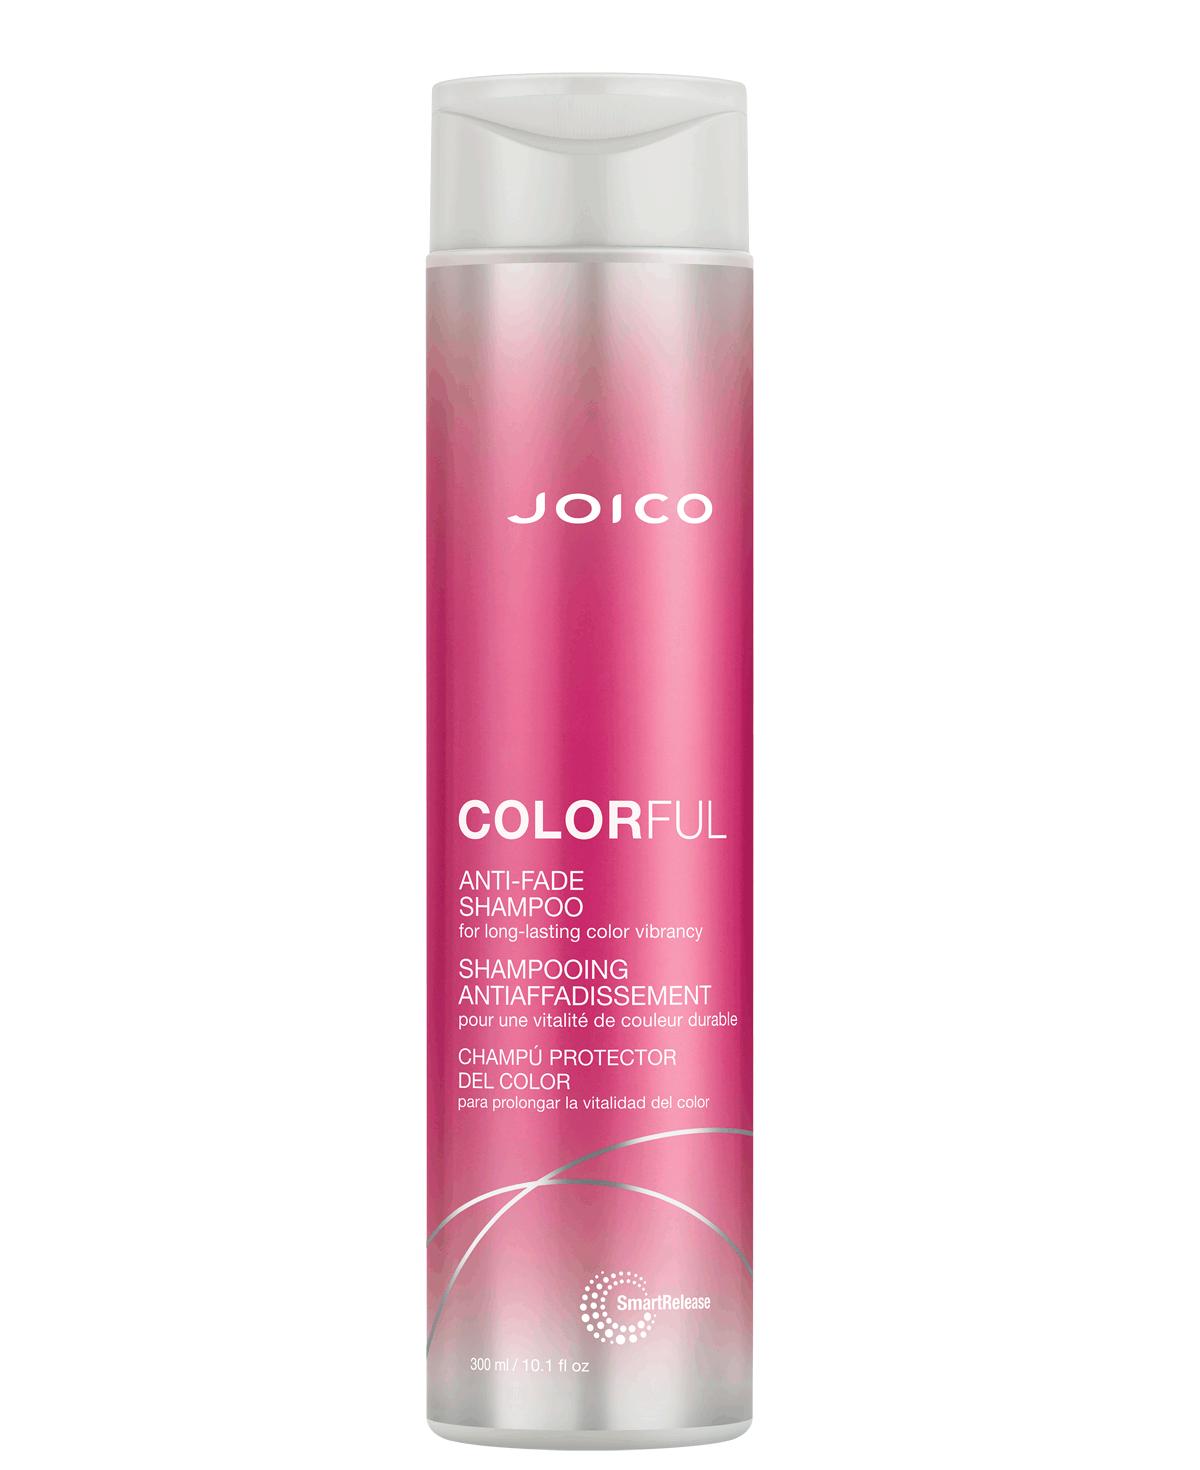 Joico Colorful Anti-Fade Shampoo 300ml